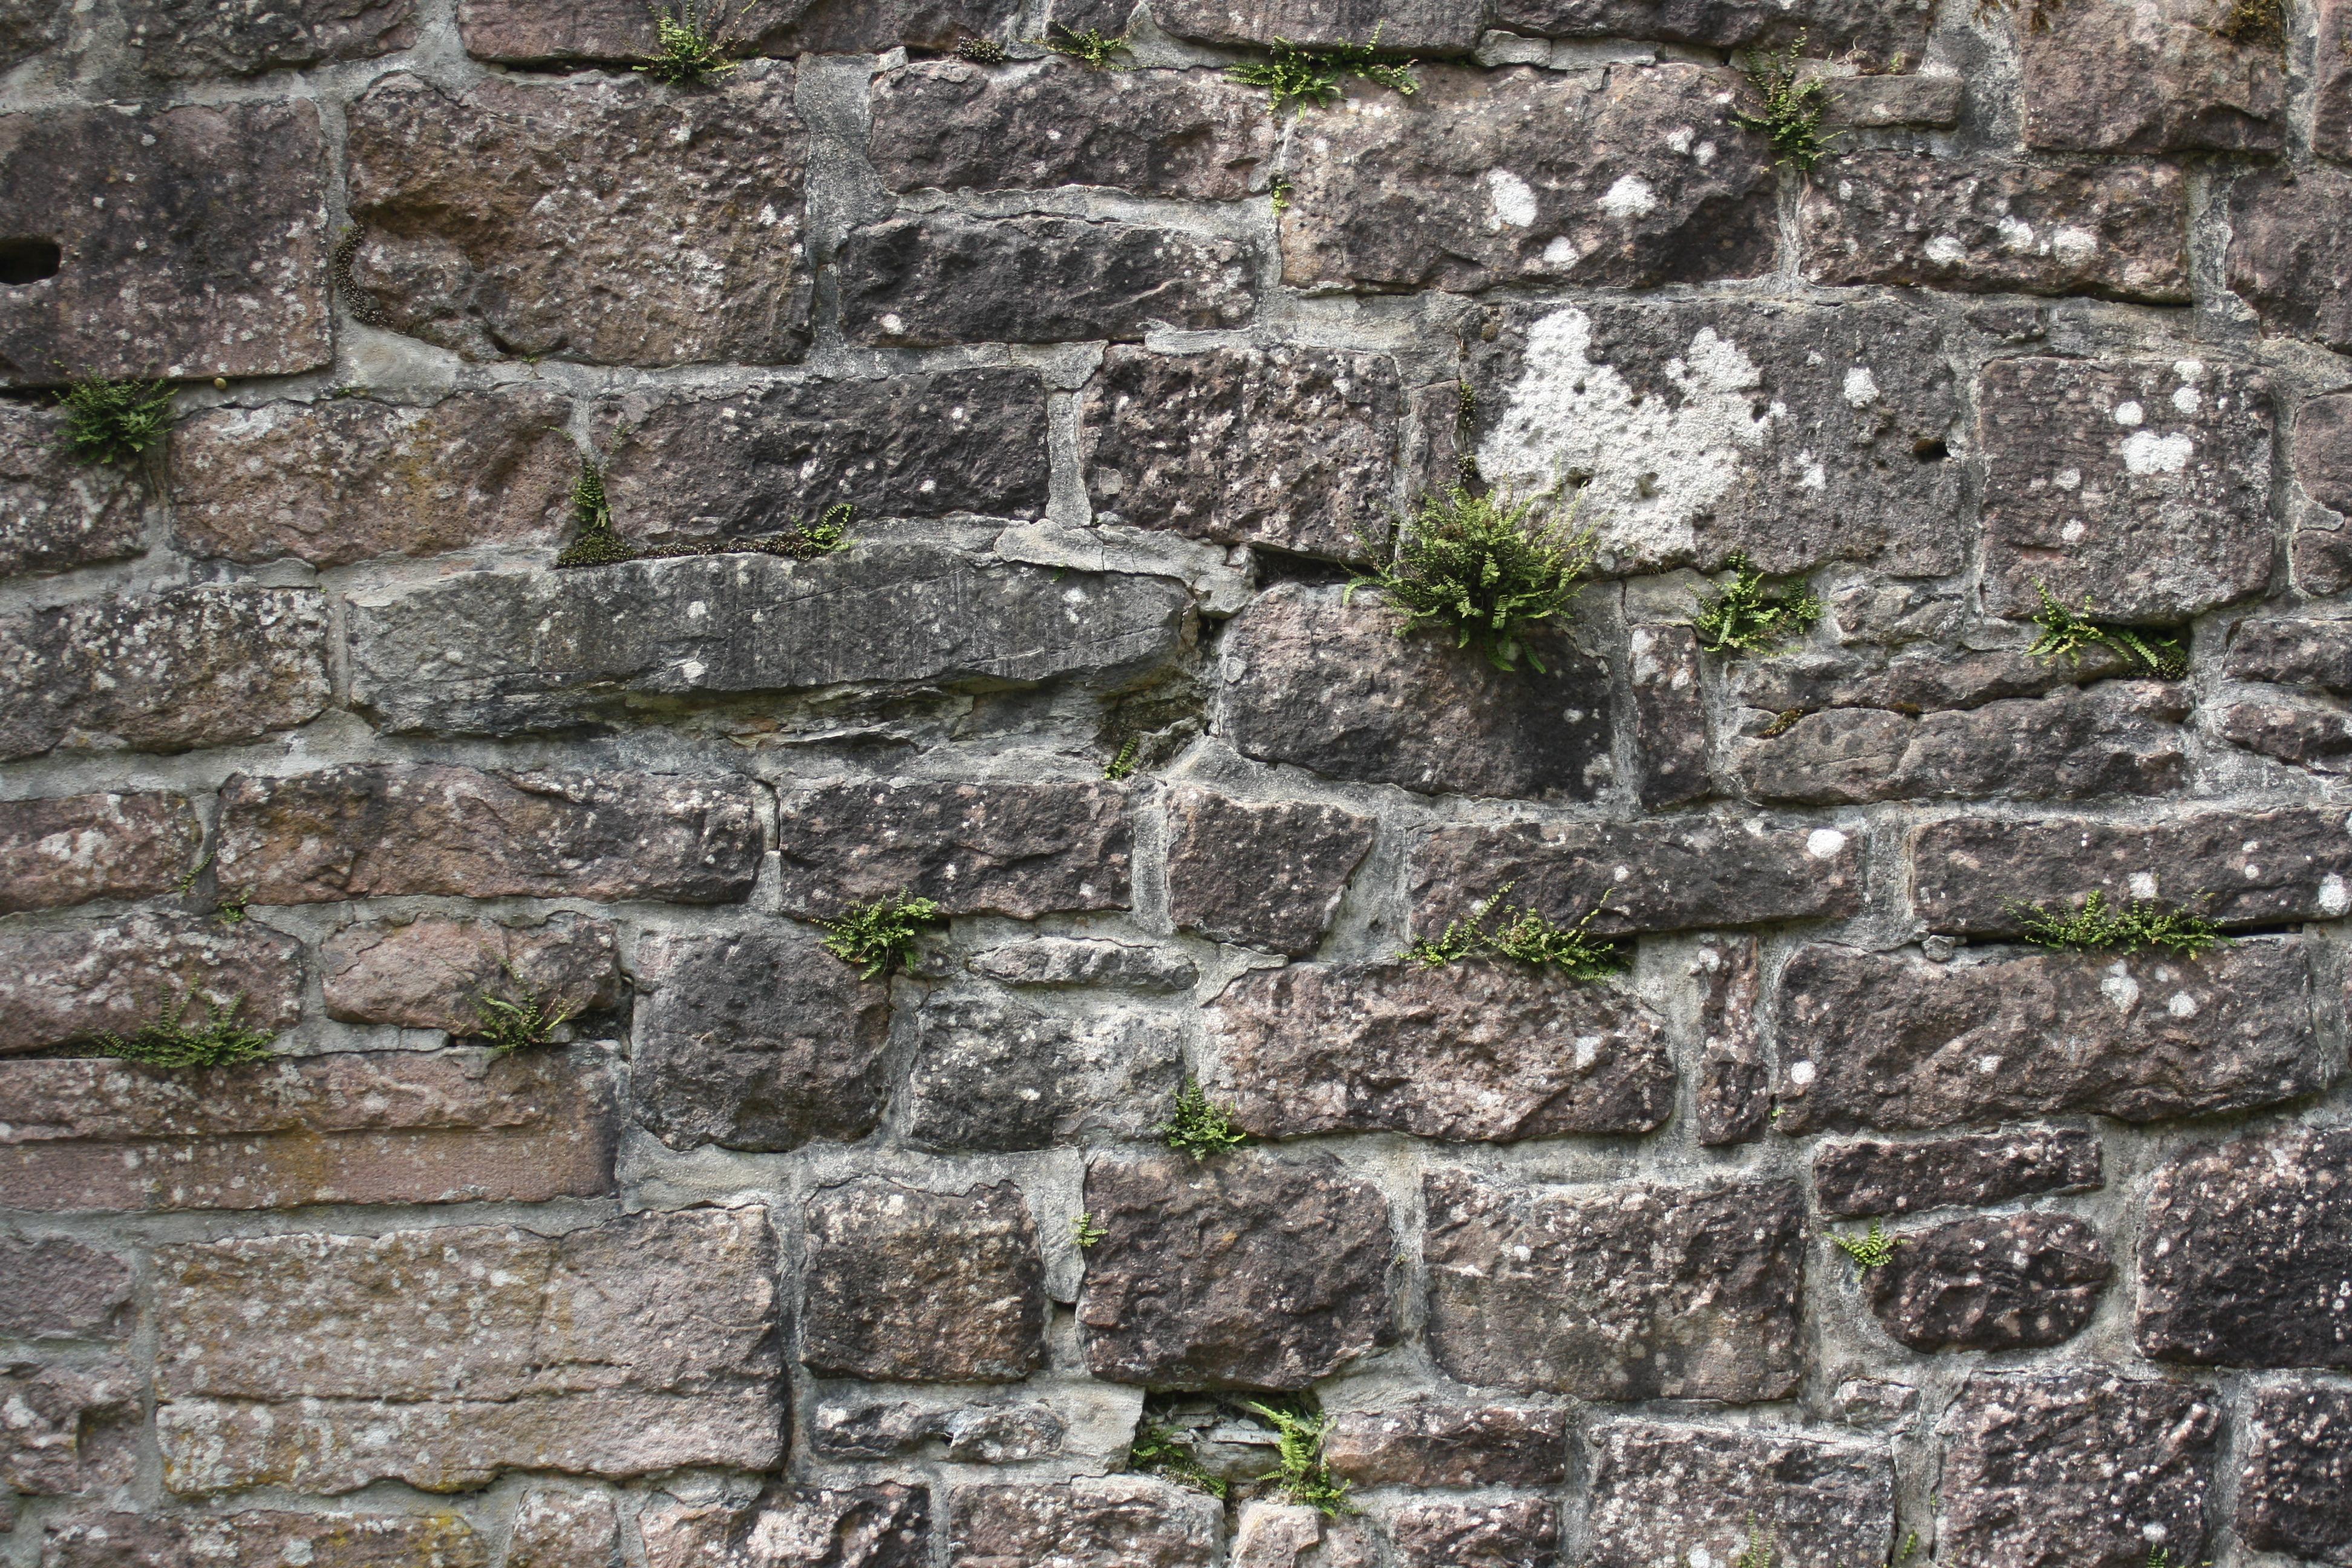 無料画像 岩 構造 テクスチャ 建物 石畳 城 石垣 材料